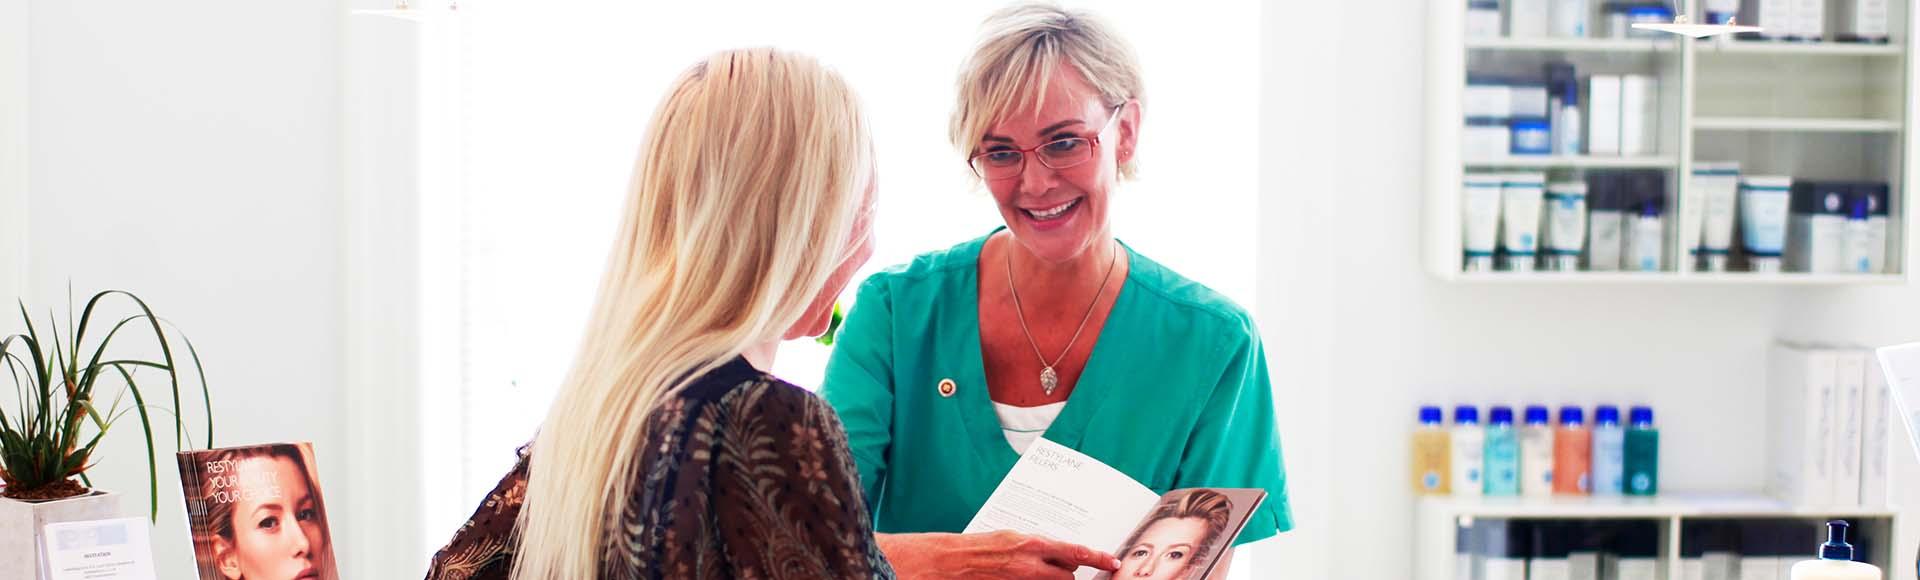 Anne Birgitte rådgiver patient ved skranken